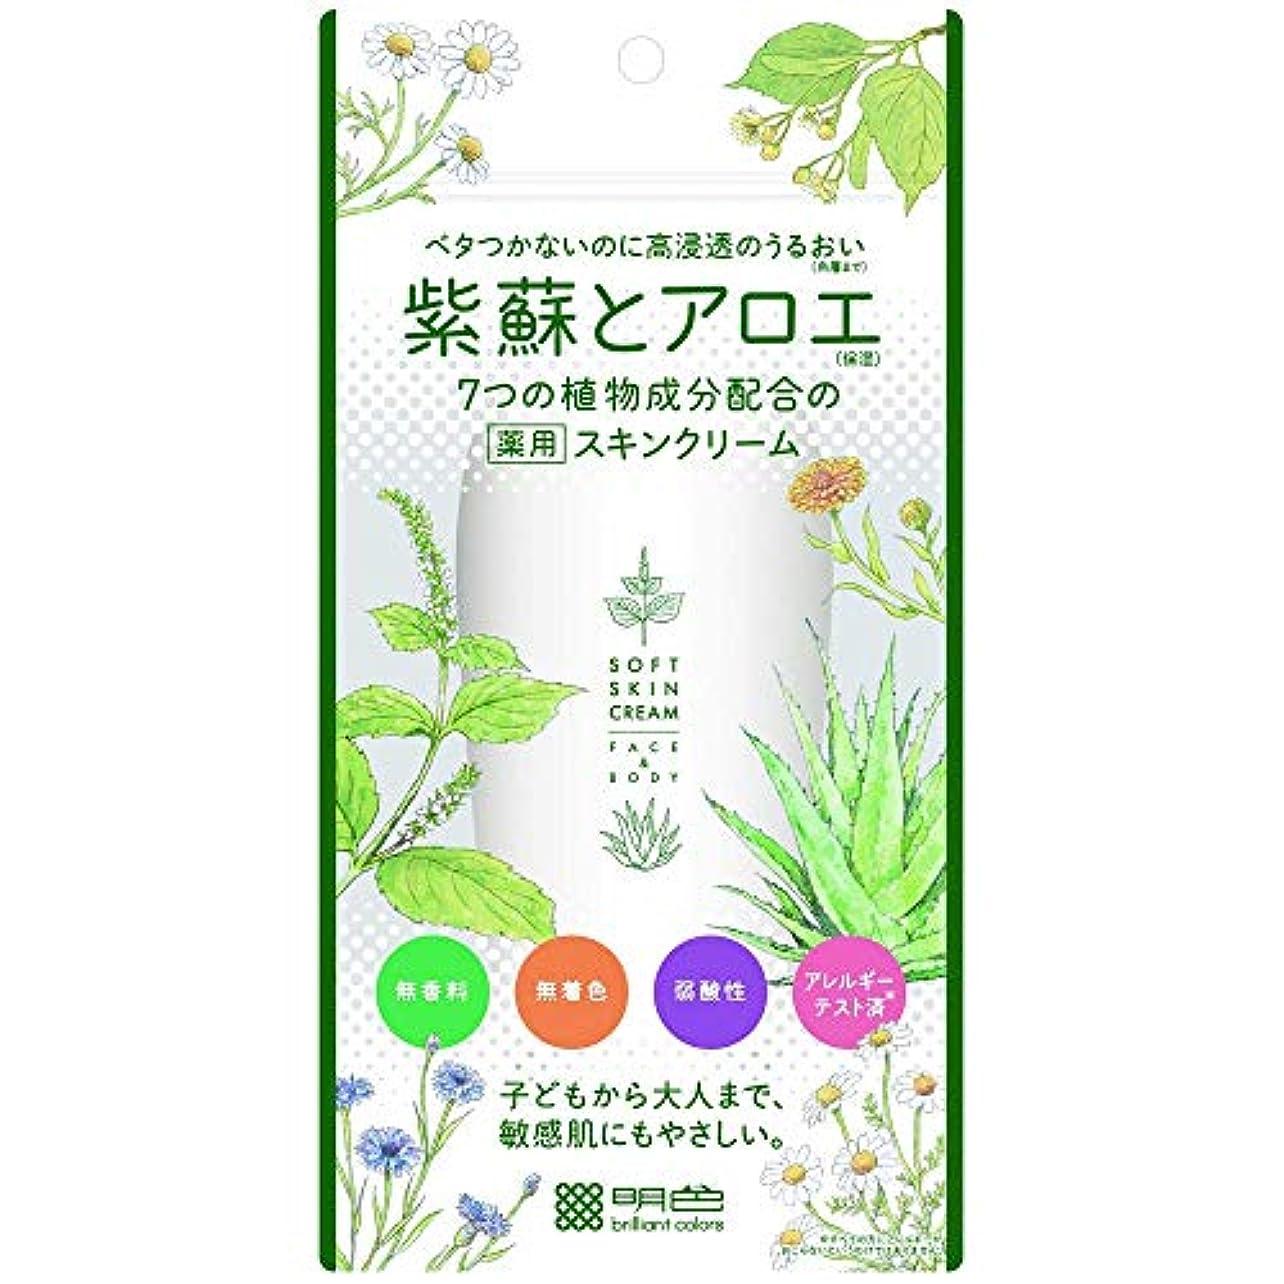 くしゃみモンク小麦【8個セット】紫蘇とアロエ 薬用スキンクリーム 190g